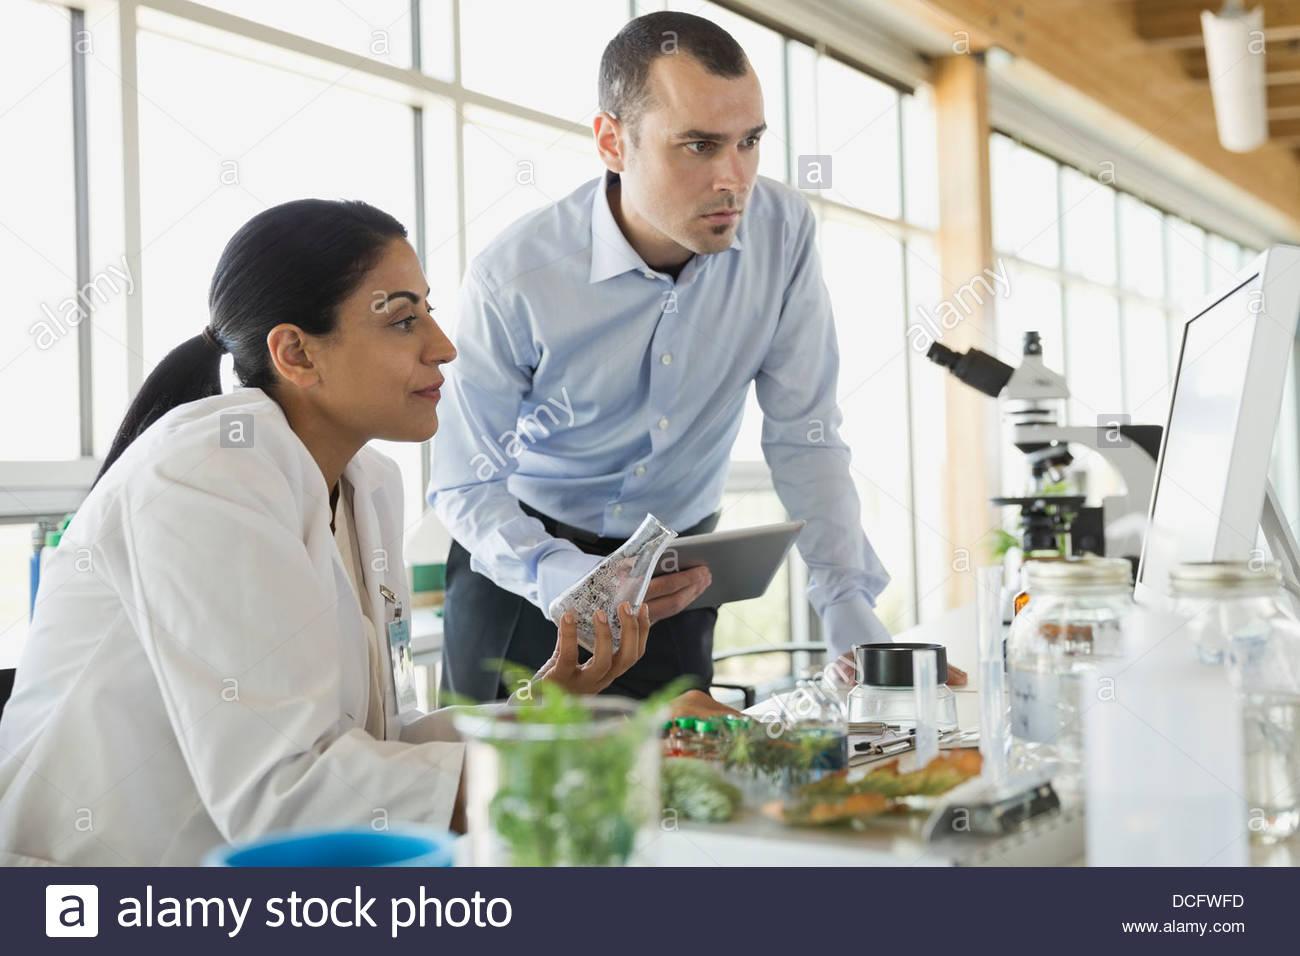 Imprenditore e botanico rivedere dati campione Immagini Stock